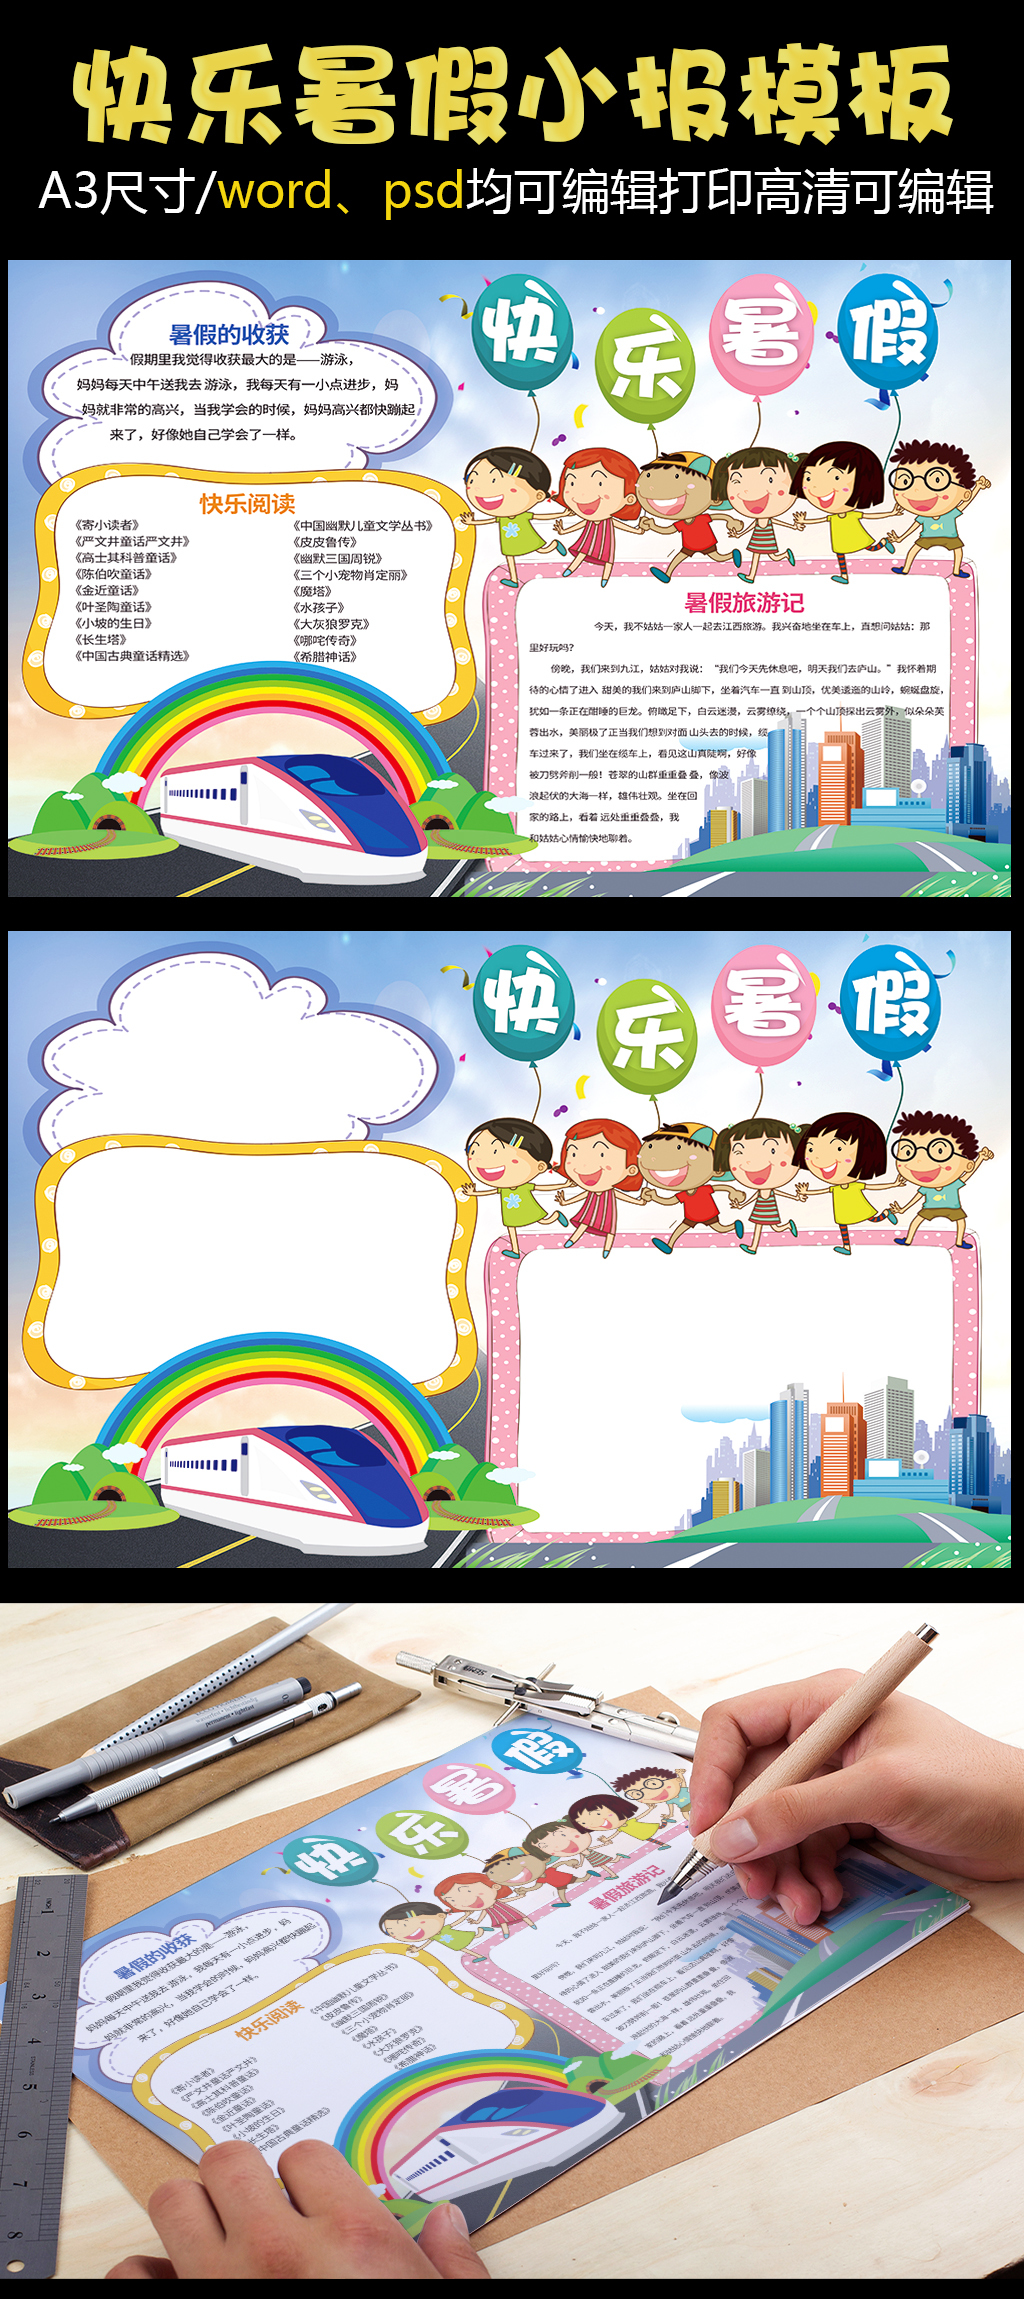 原创设计小学生暑假小报暑假生活手抄报模板